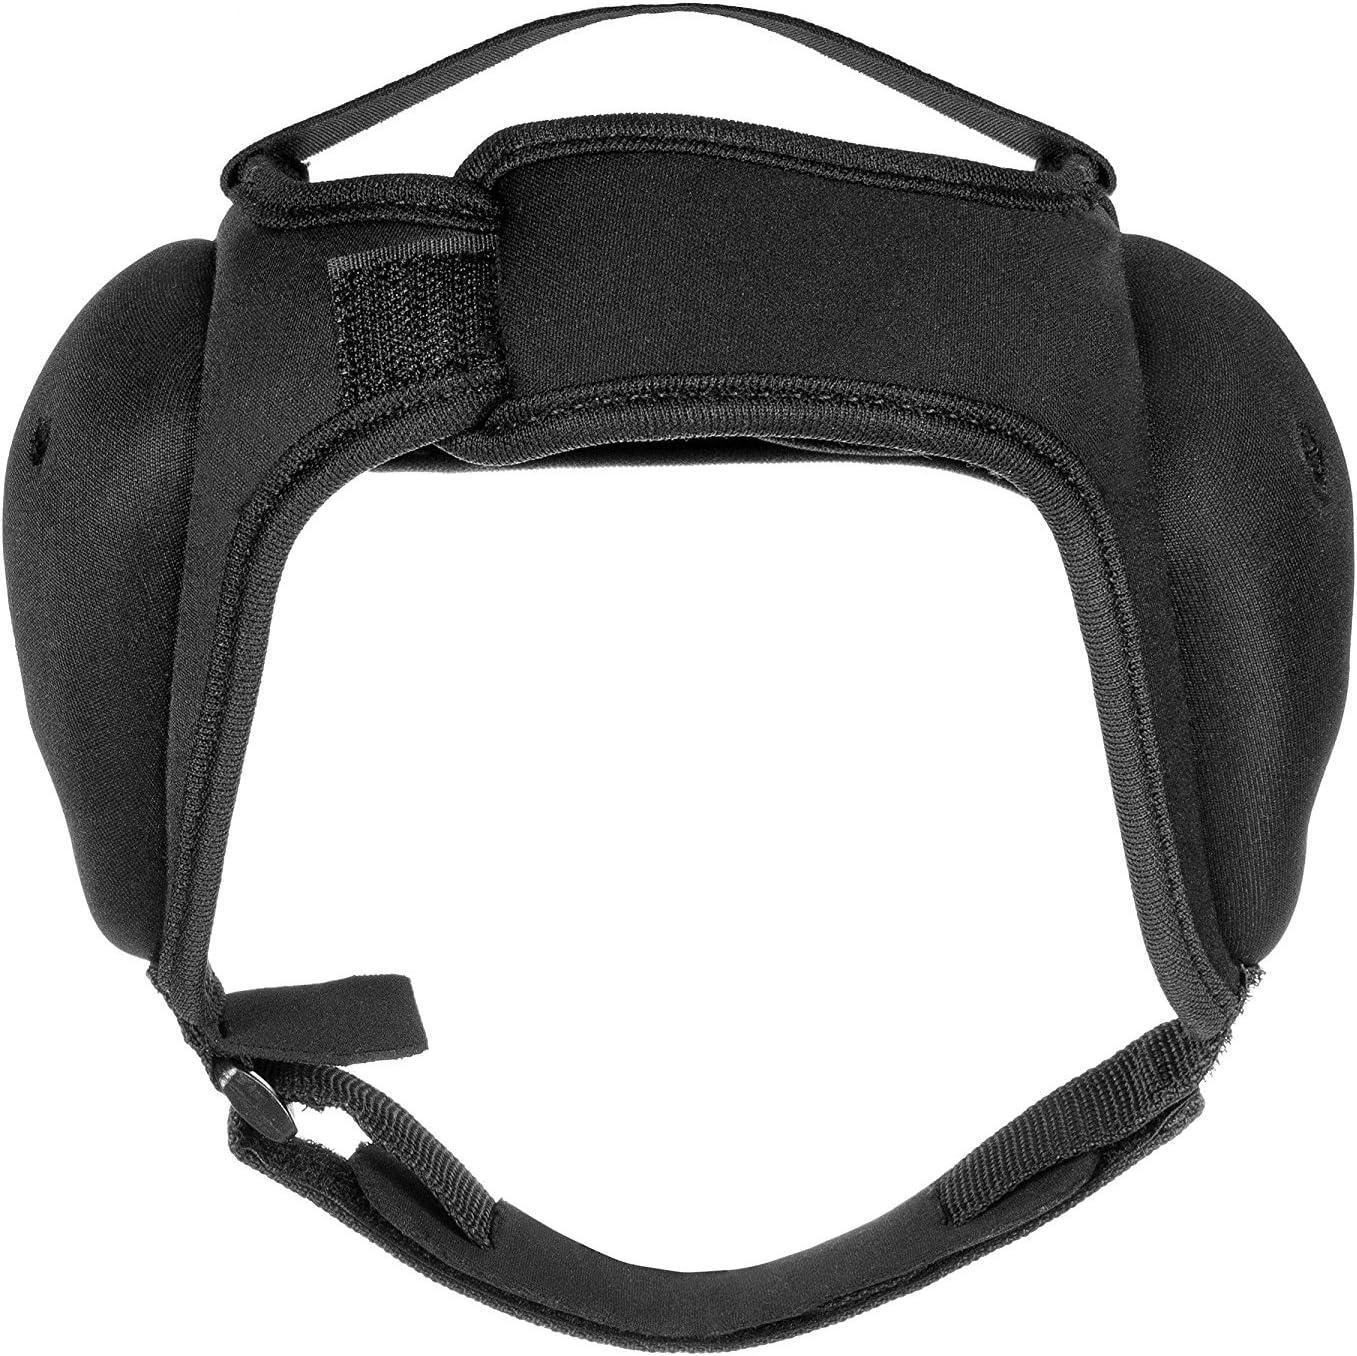 Black Roar Ear Guard BJJ Headgear MMA Grappling Fight Sparring Helmet